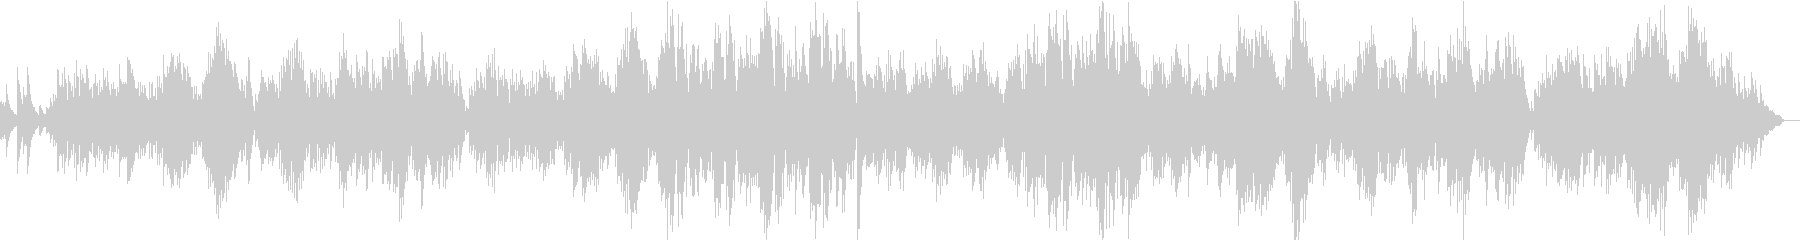 サティのピアノ曲 「ジュ・トゥ・ヴー」の未再生の波形